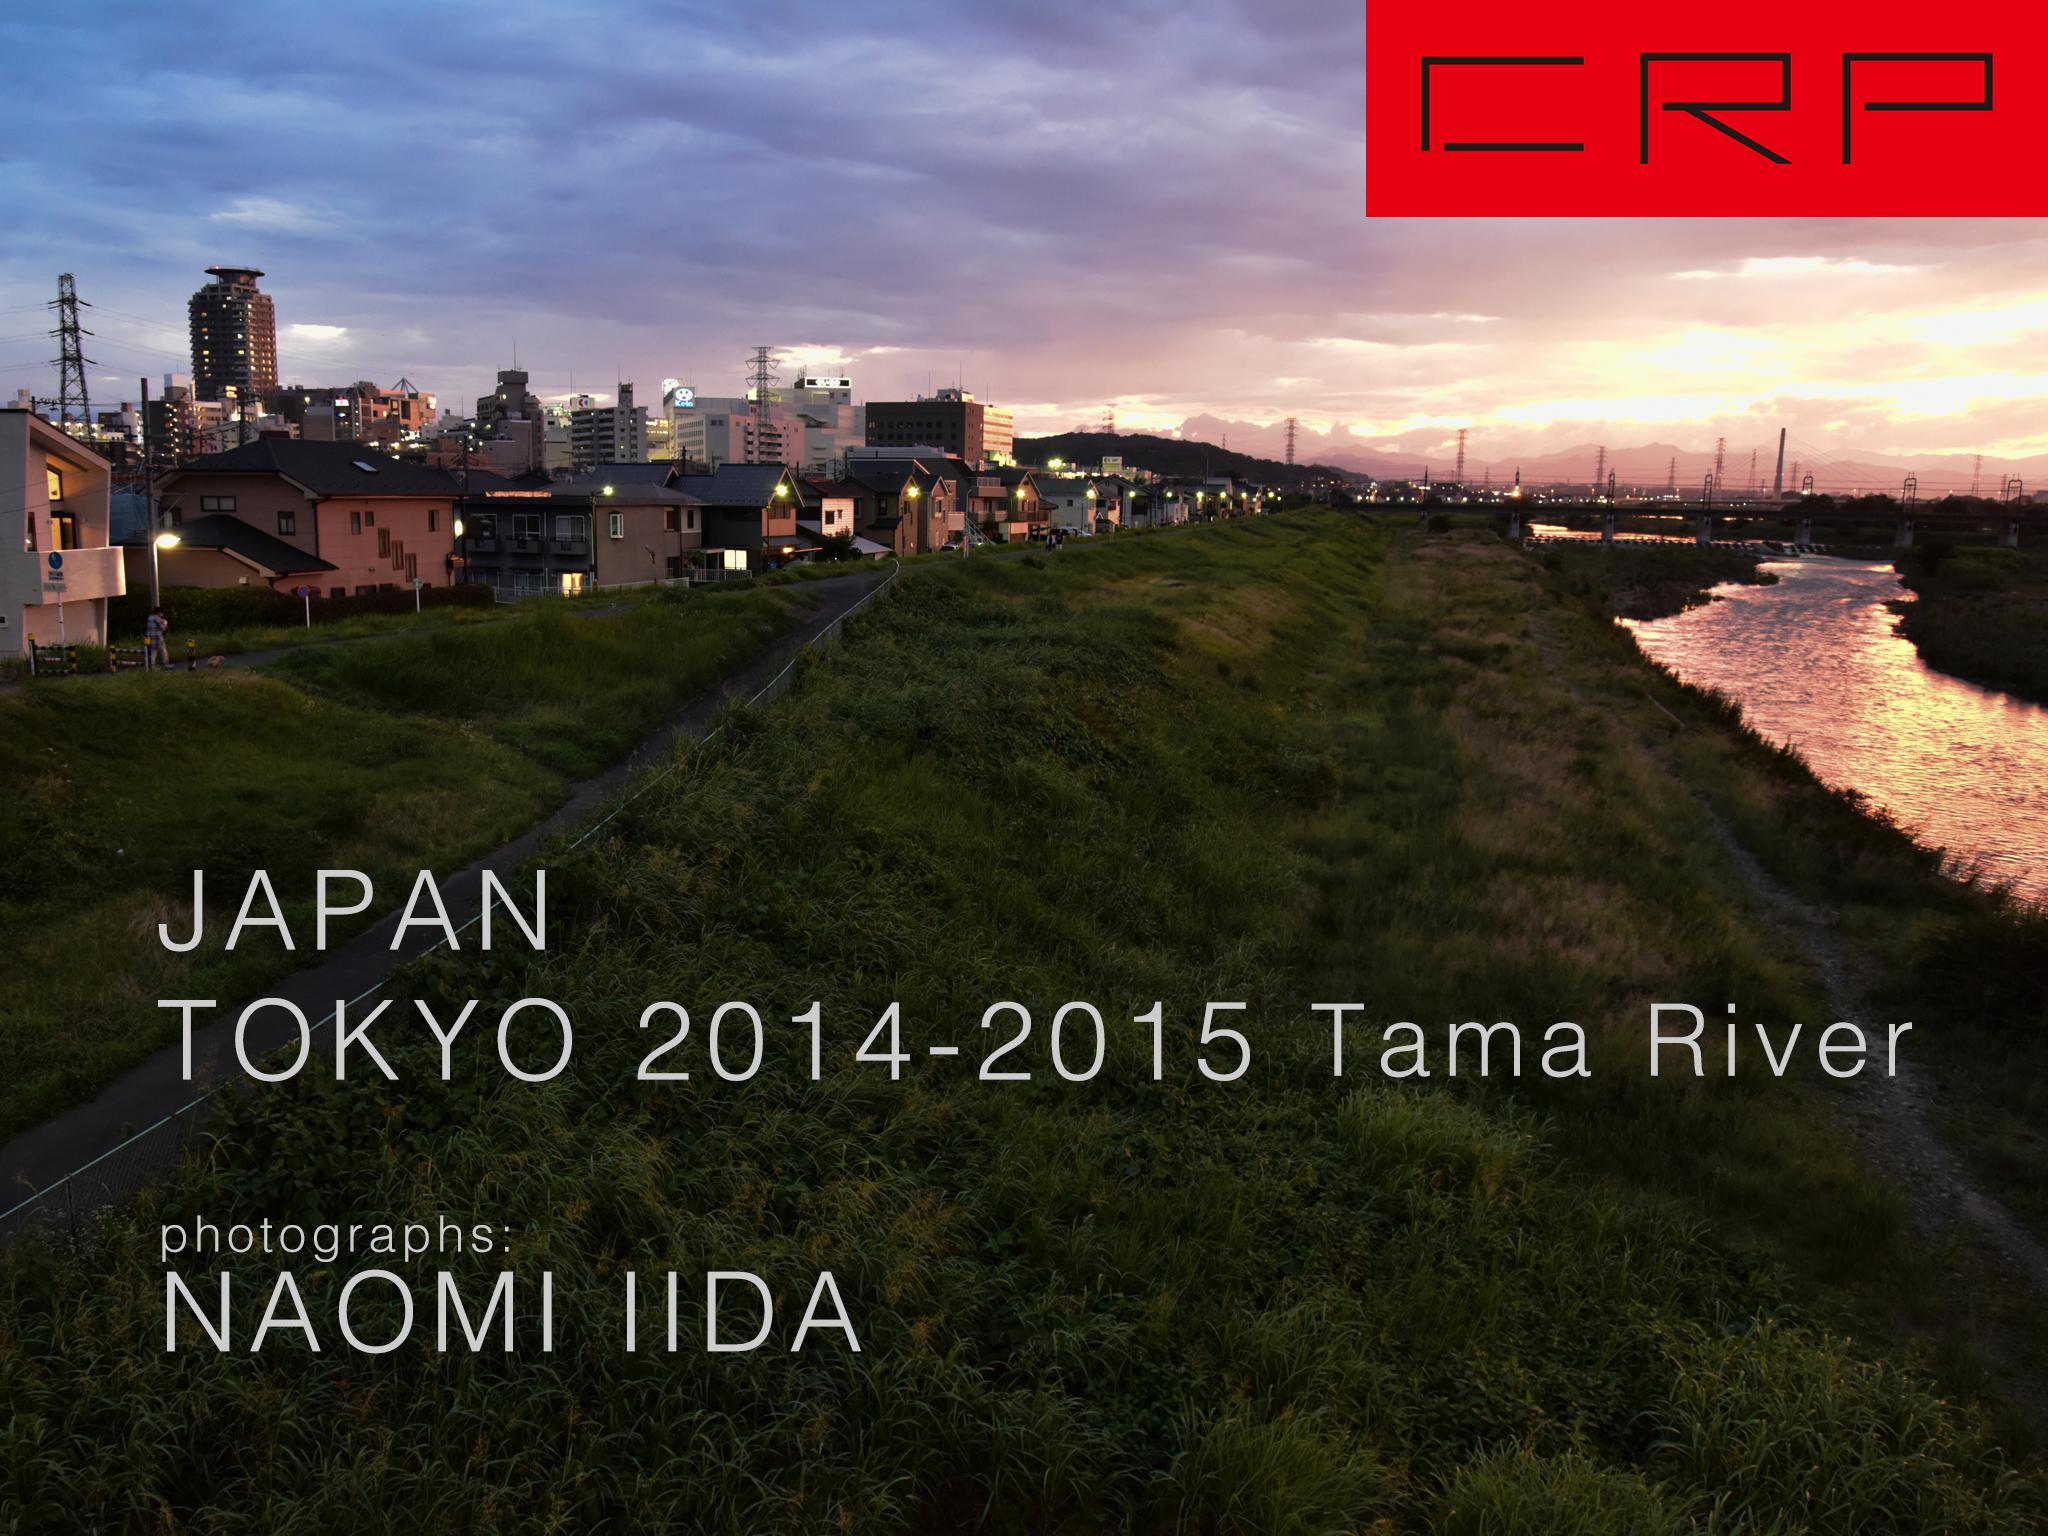 CRP JAPAN TOKYO 2014-2015 Tama River